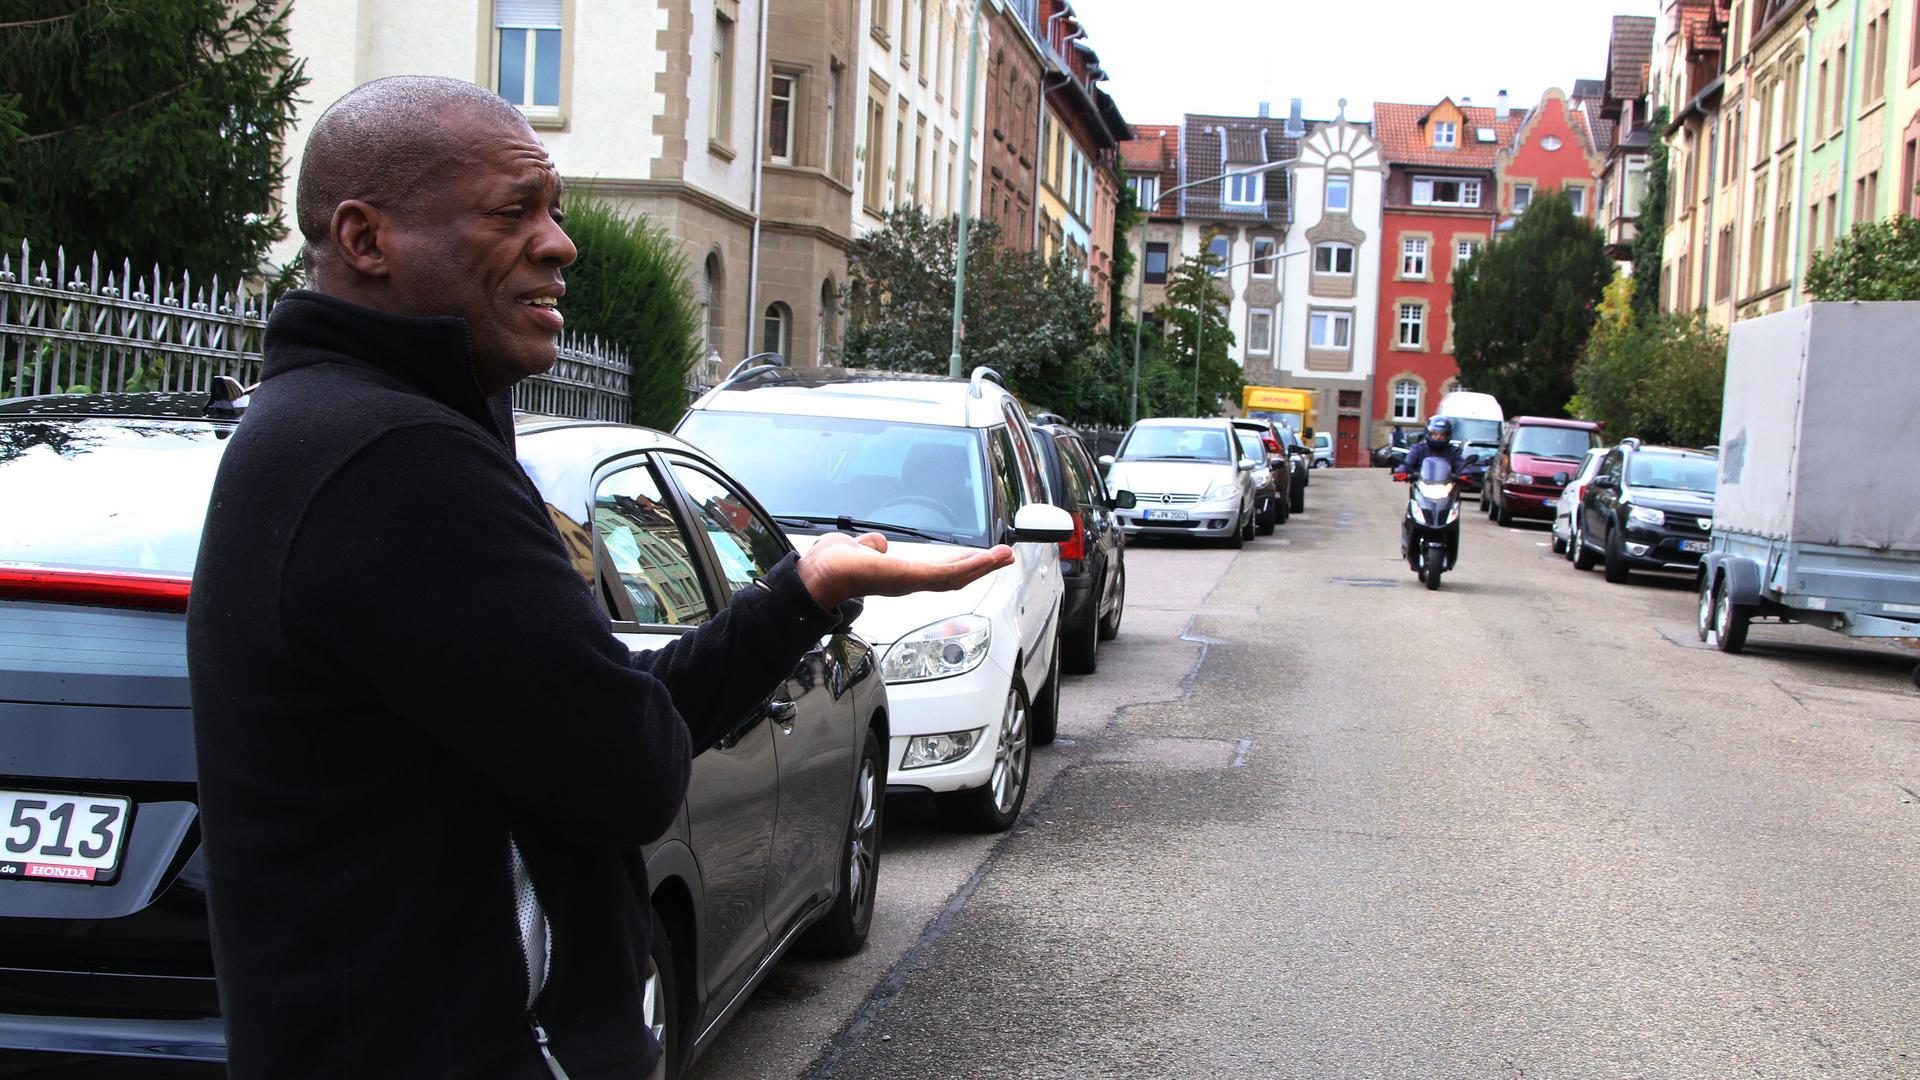 Mann steht am Straßenrand